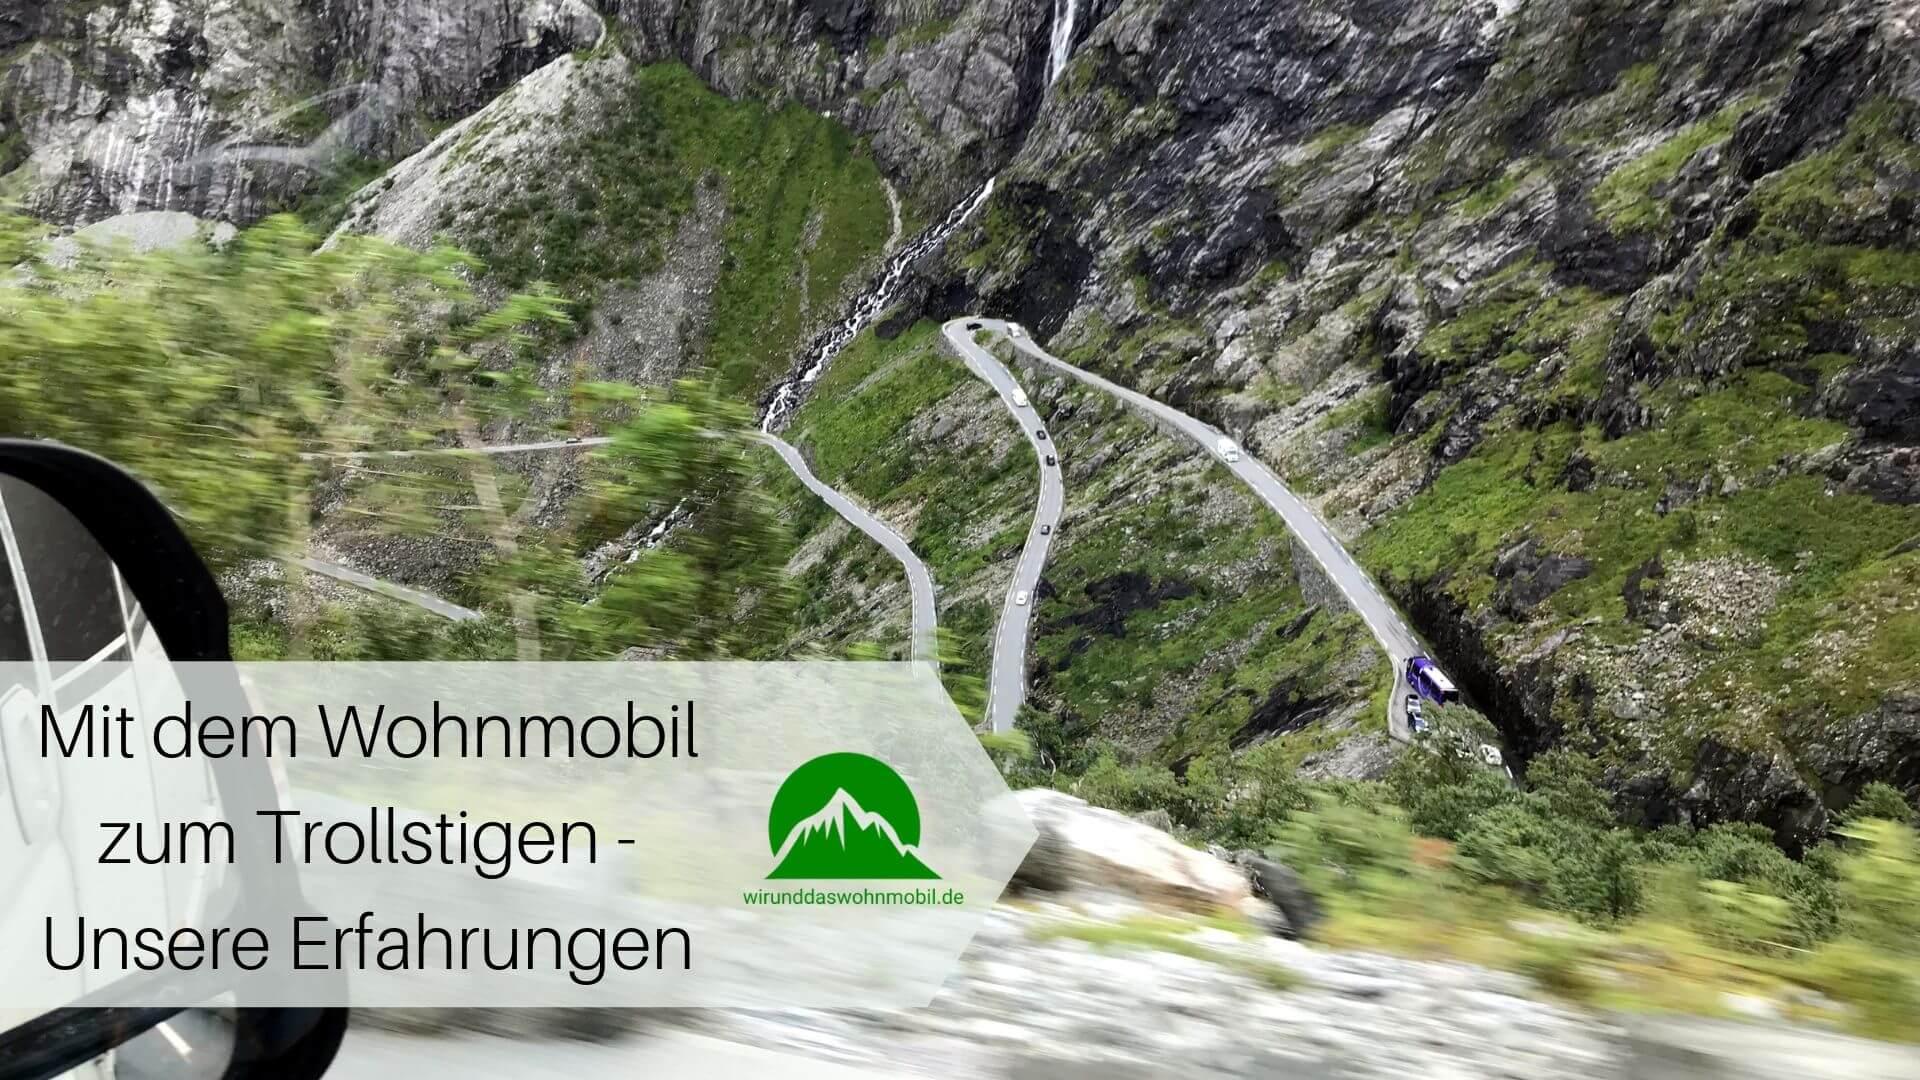 Zum Trollstigen mit dem Wohnmobil in Norwegen